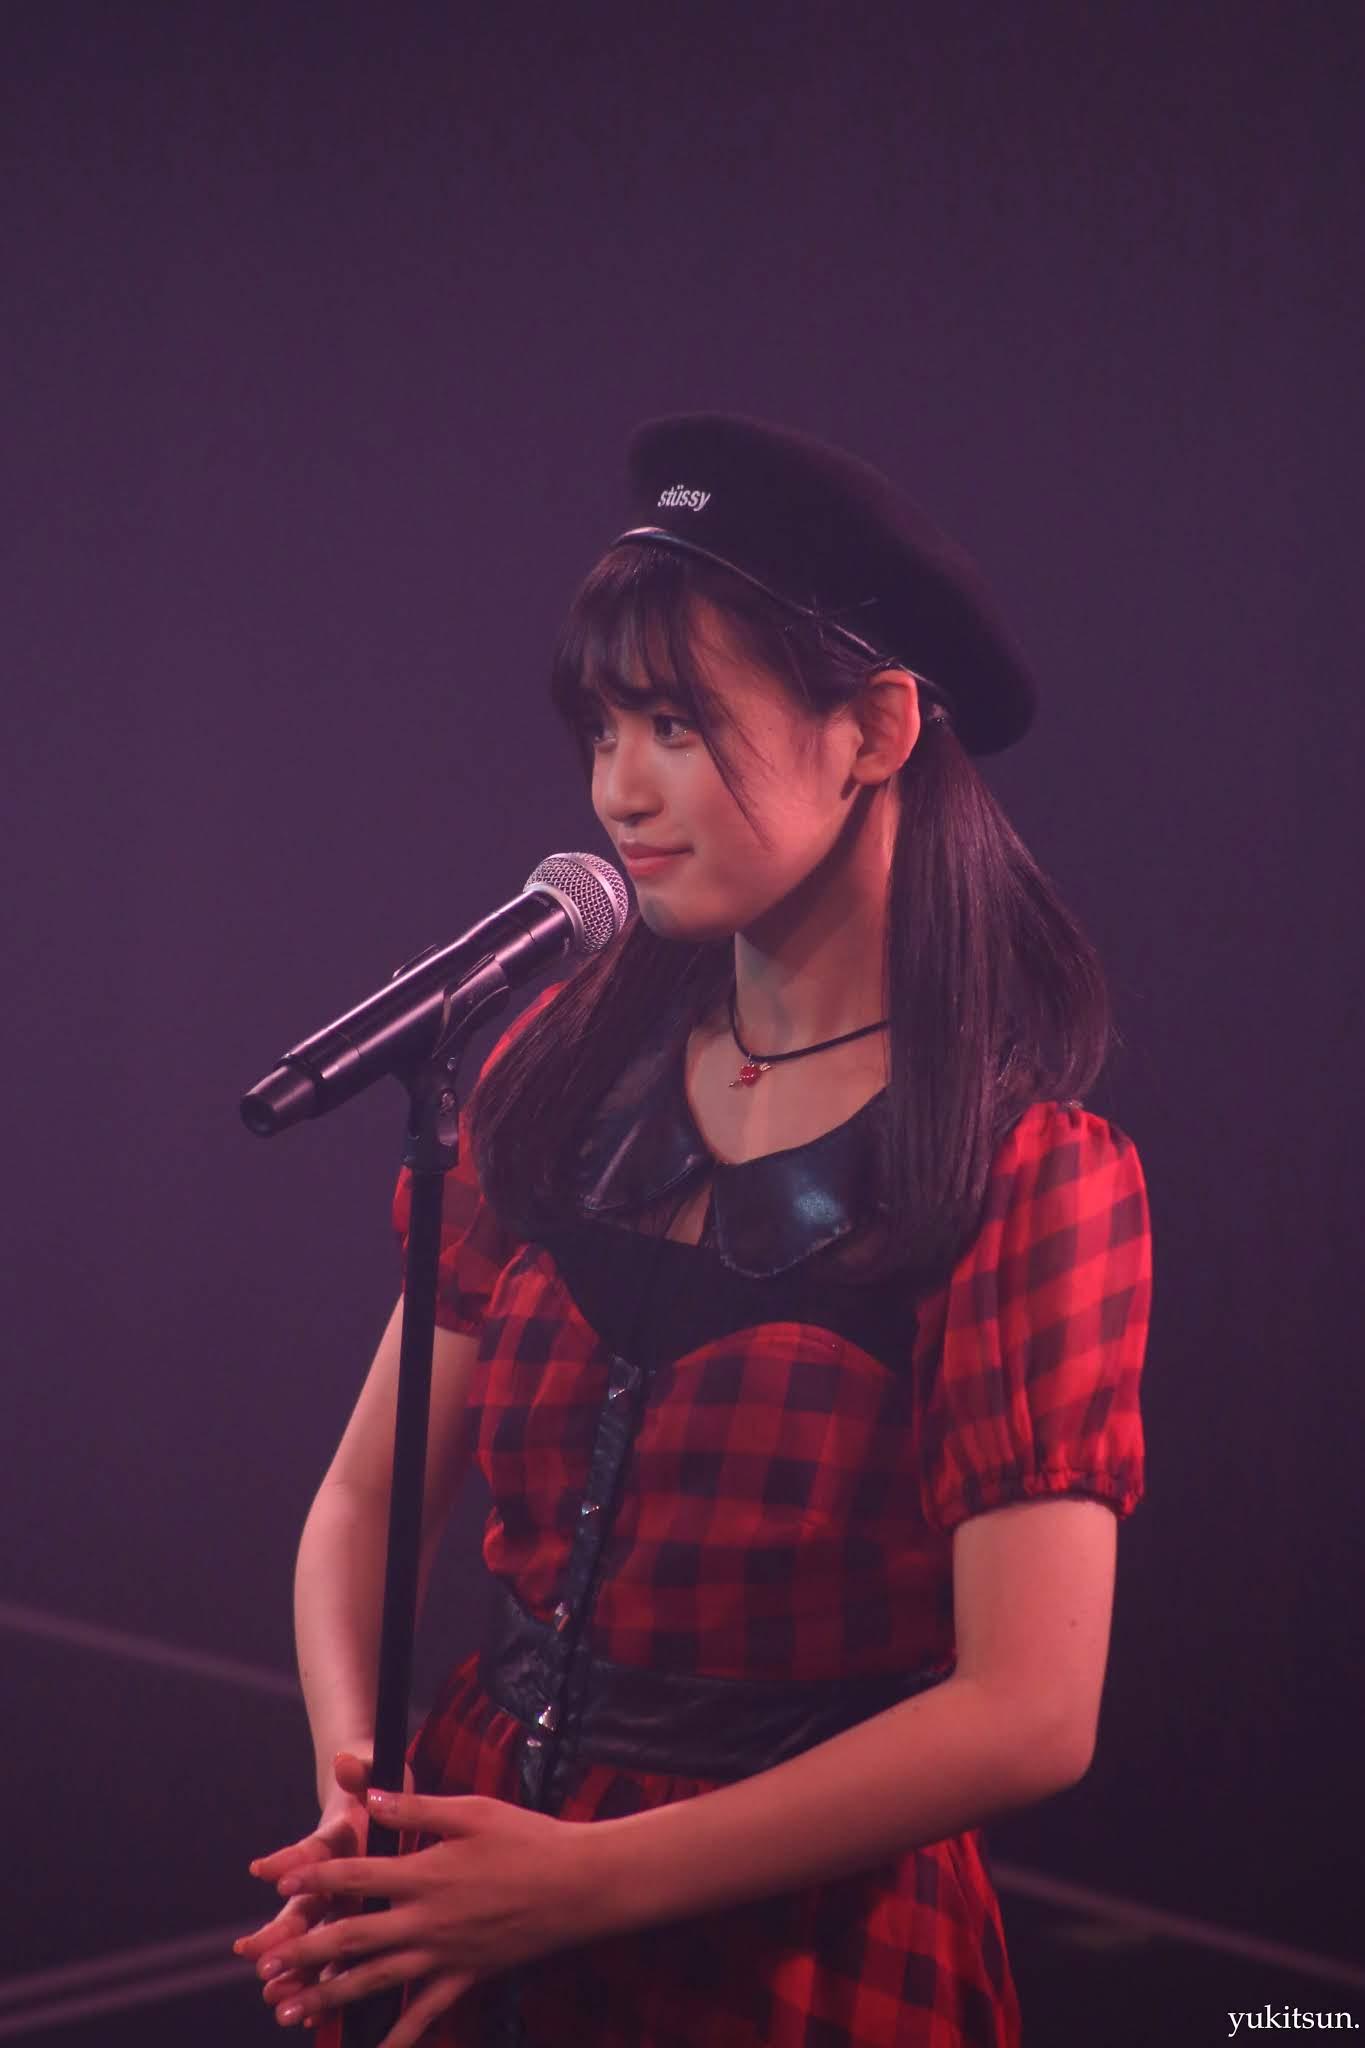 shinjidai-68